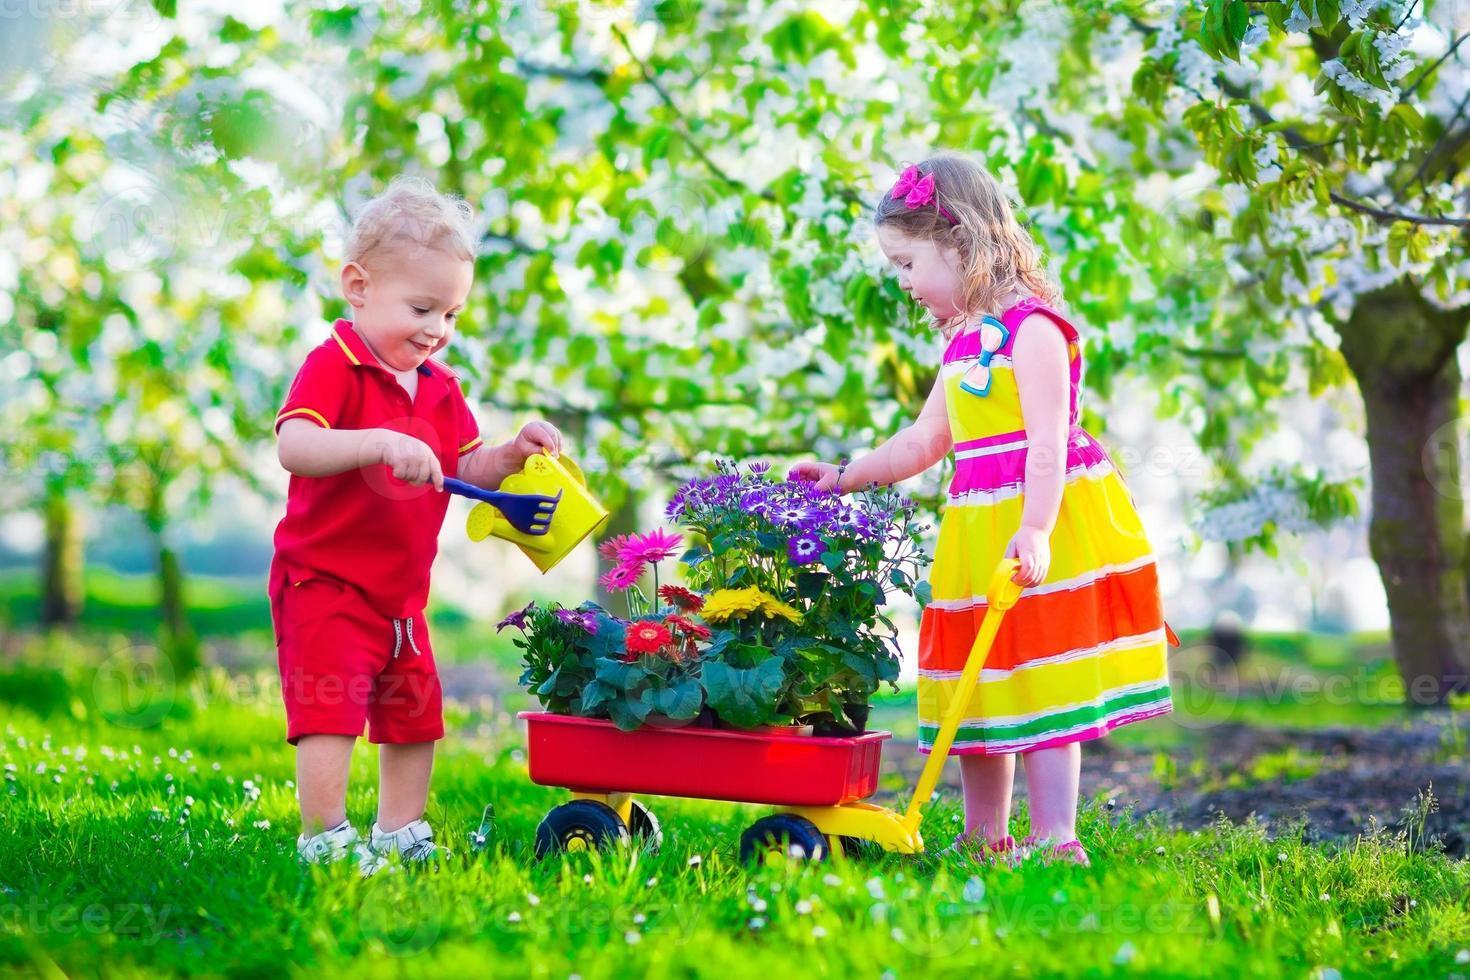 kinderen in een tuin met bloeiende kersenbomen foto